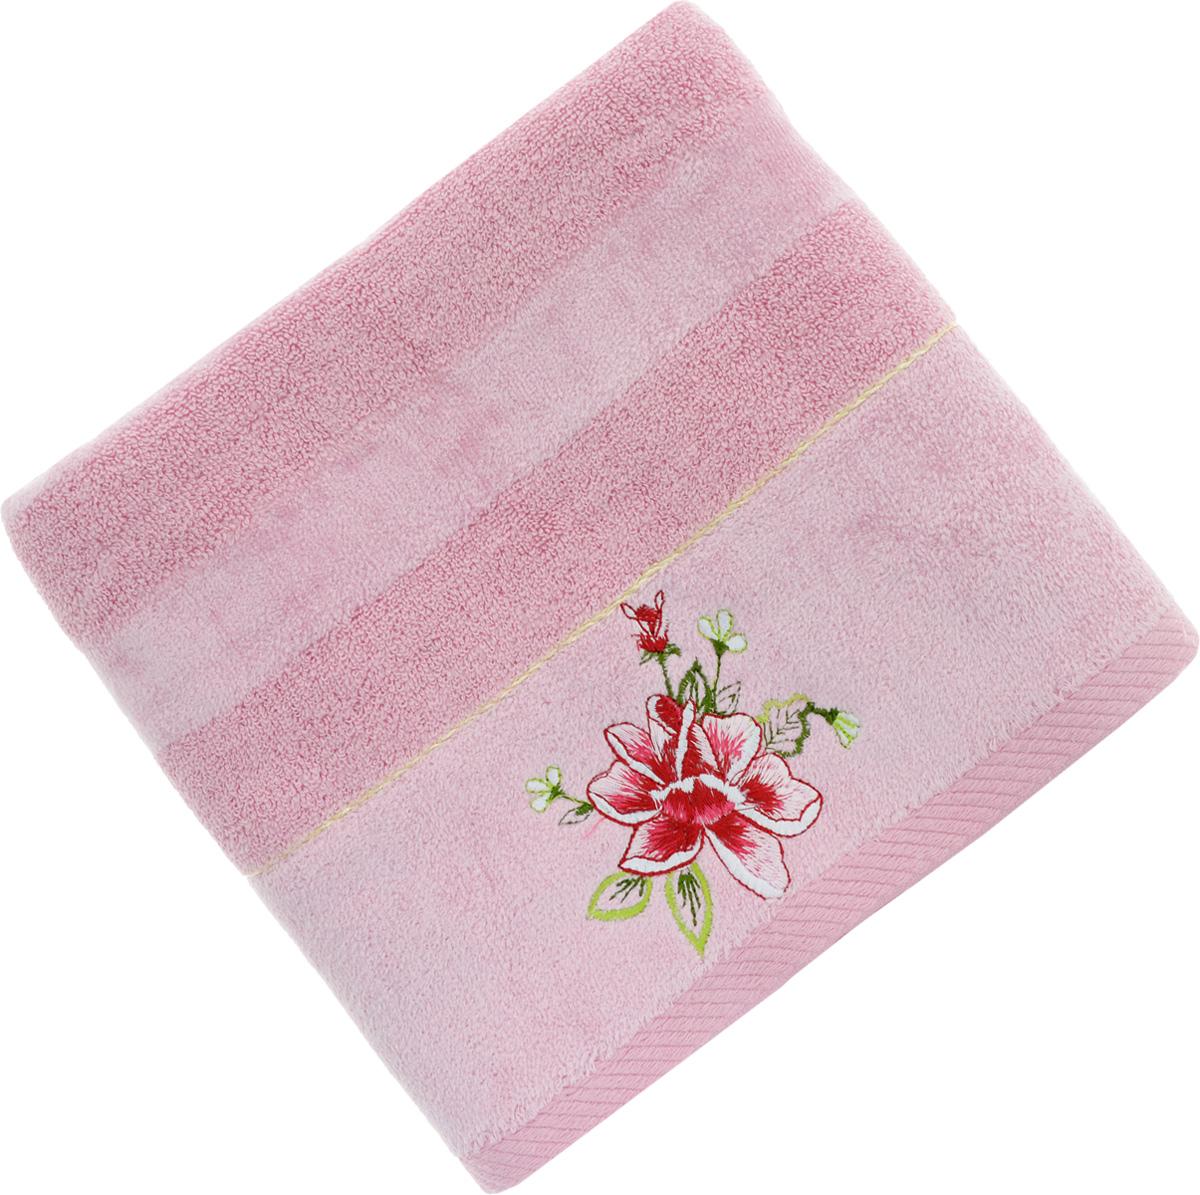 Полотенце Soavita Azalea, цвет: розовый, 50 х 90 см64023Полотенце Soavita Azalea выполнено из 100% хлопка. Изделие отлично впитывает влагу, быстро сохнет, сохраняет яркость цвета и не теряет форму даже после многократных стирок. Полотенце очень практично и неприхотливо в уходе. Оно создаст прекрасное настроение и украсит интерьер в ванной комнате.